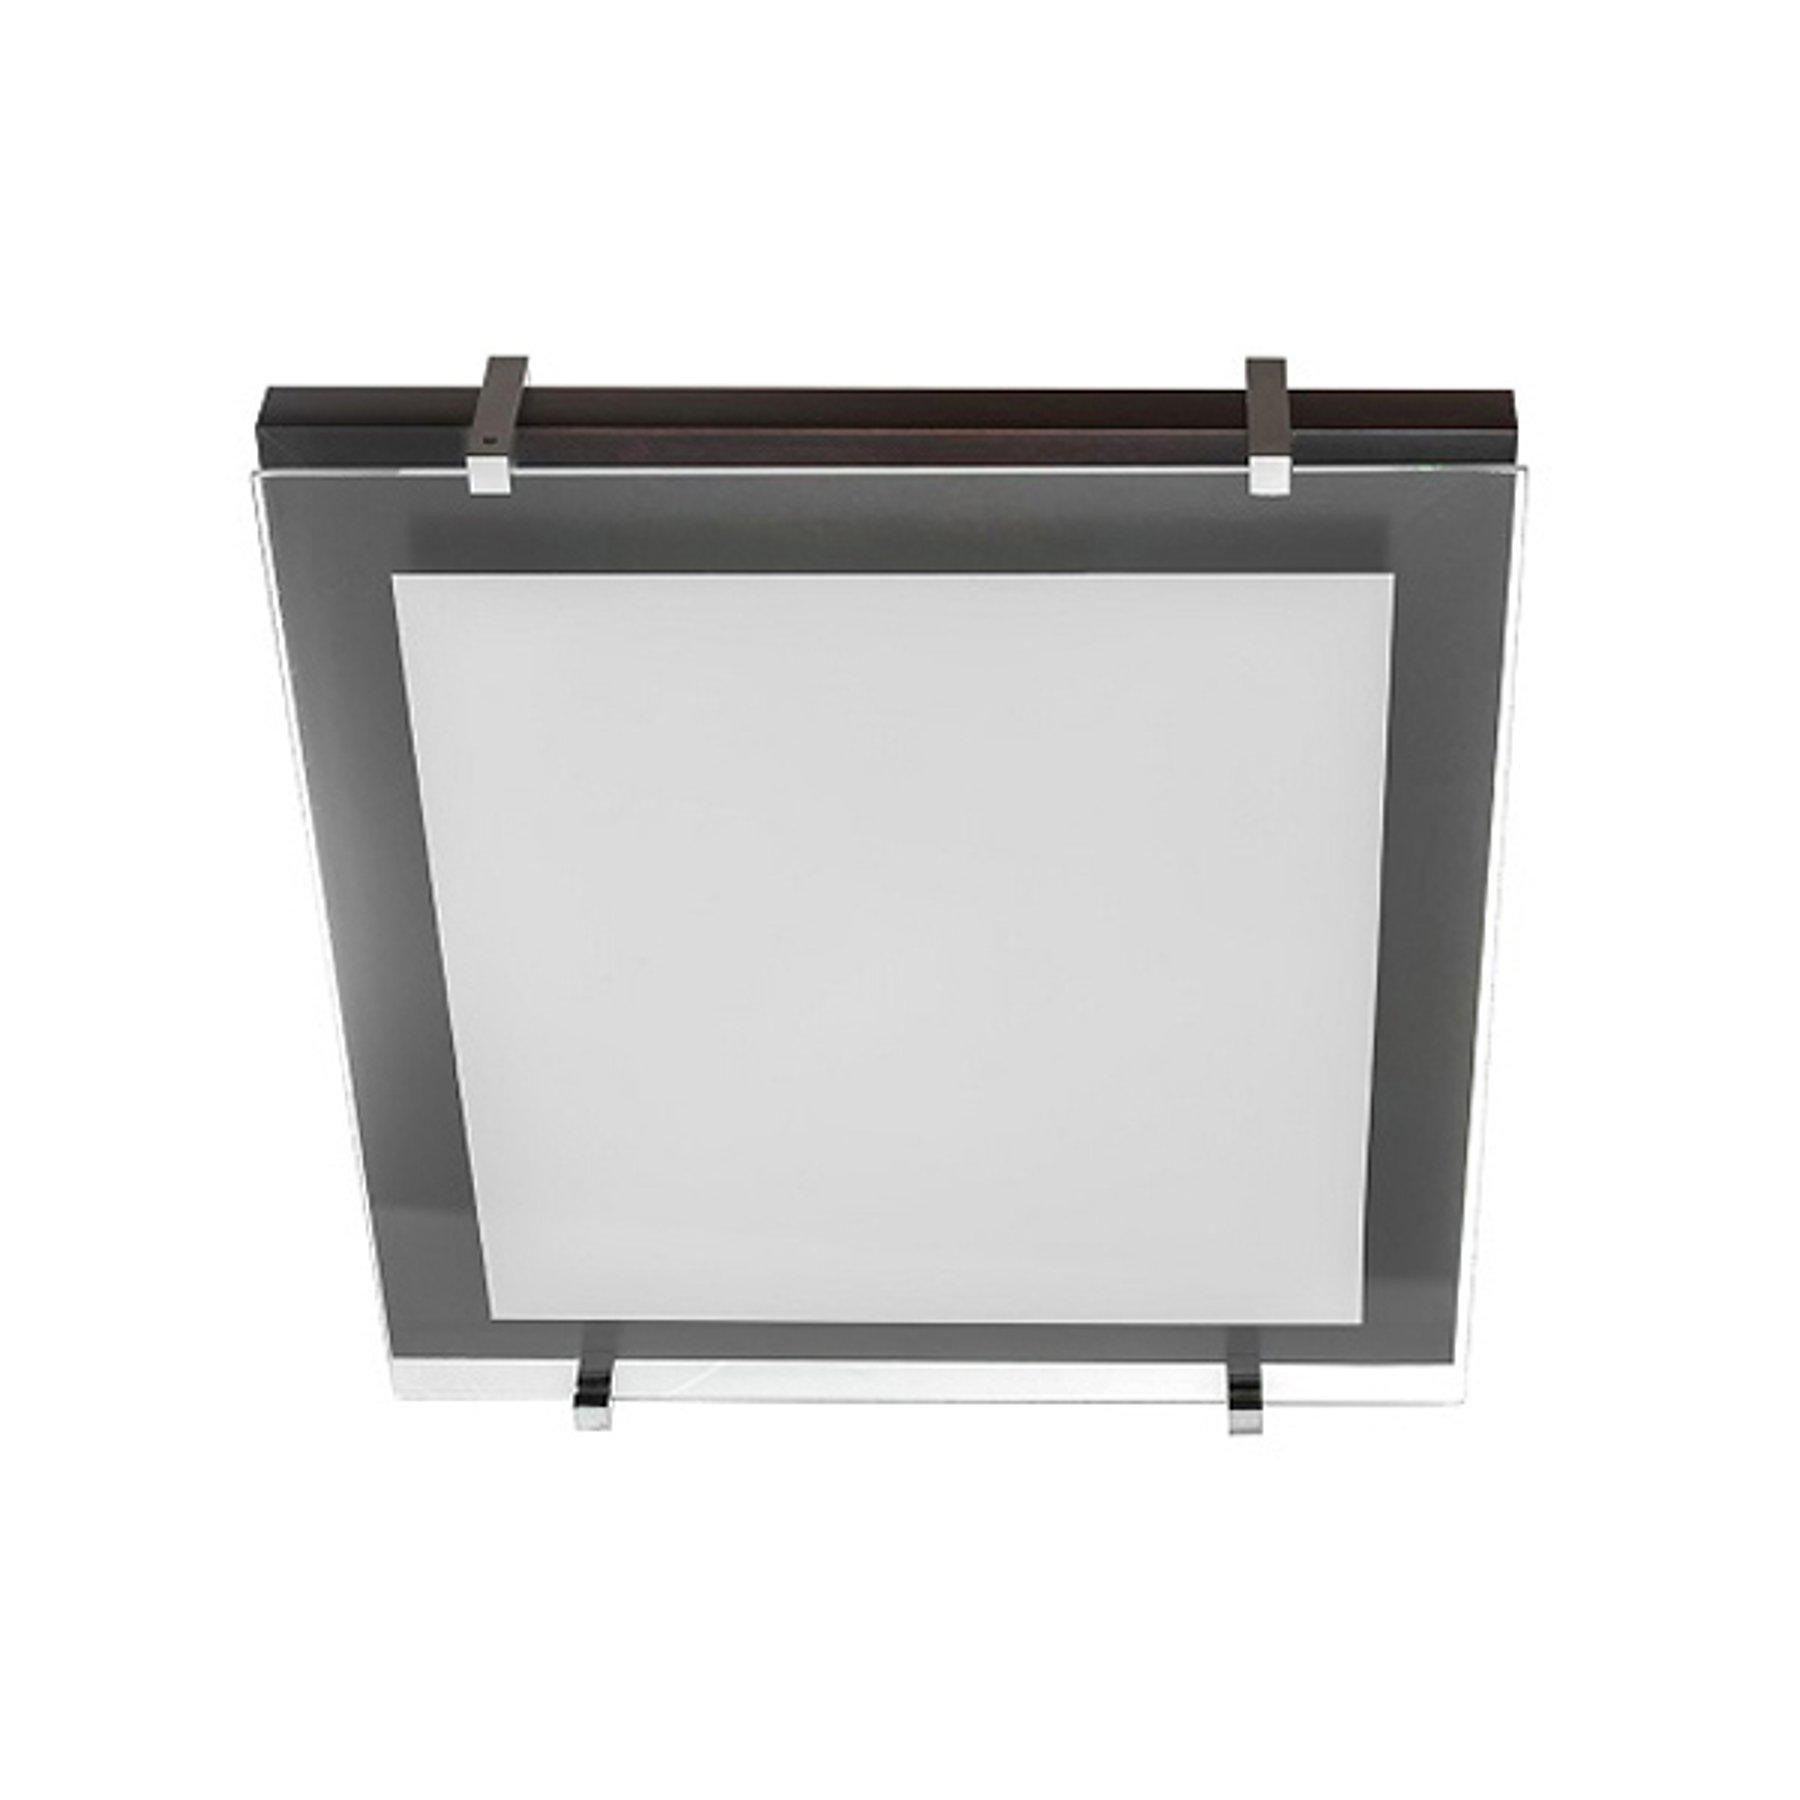 Taklampe P1 av tre og glass 30x30cm